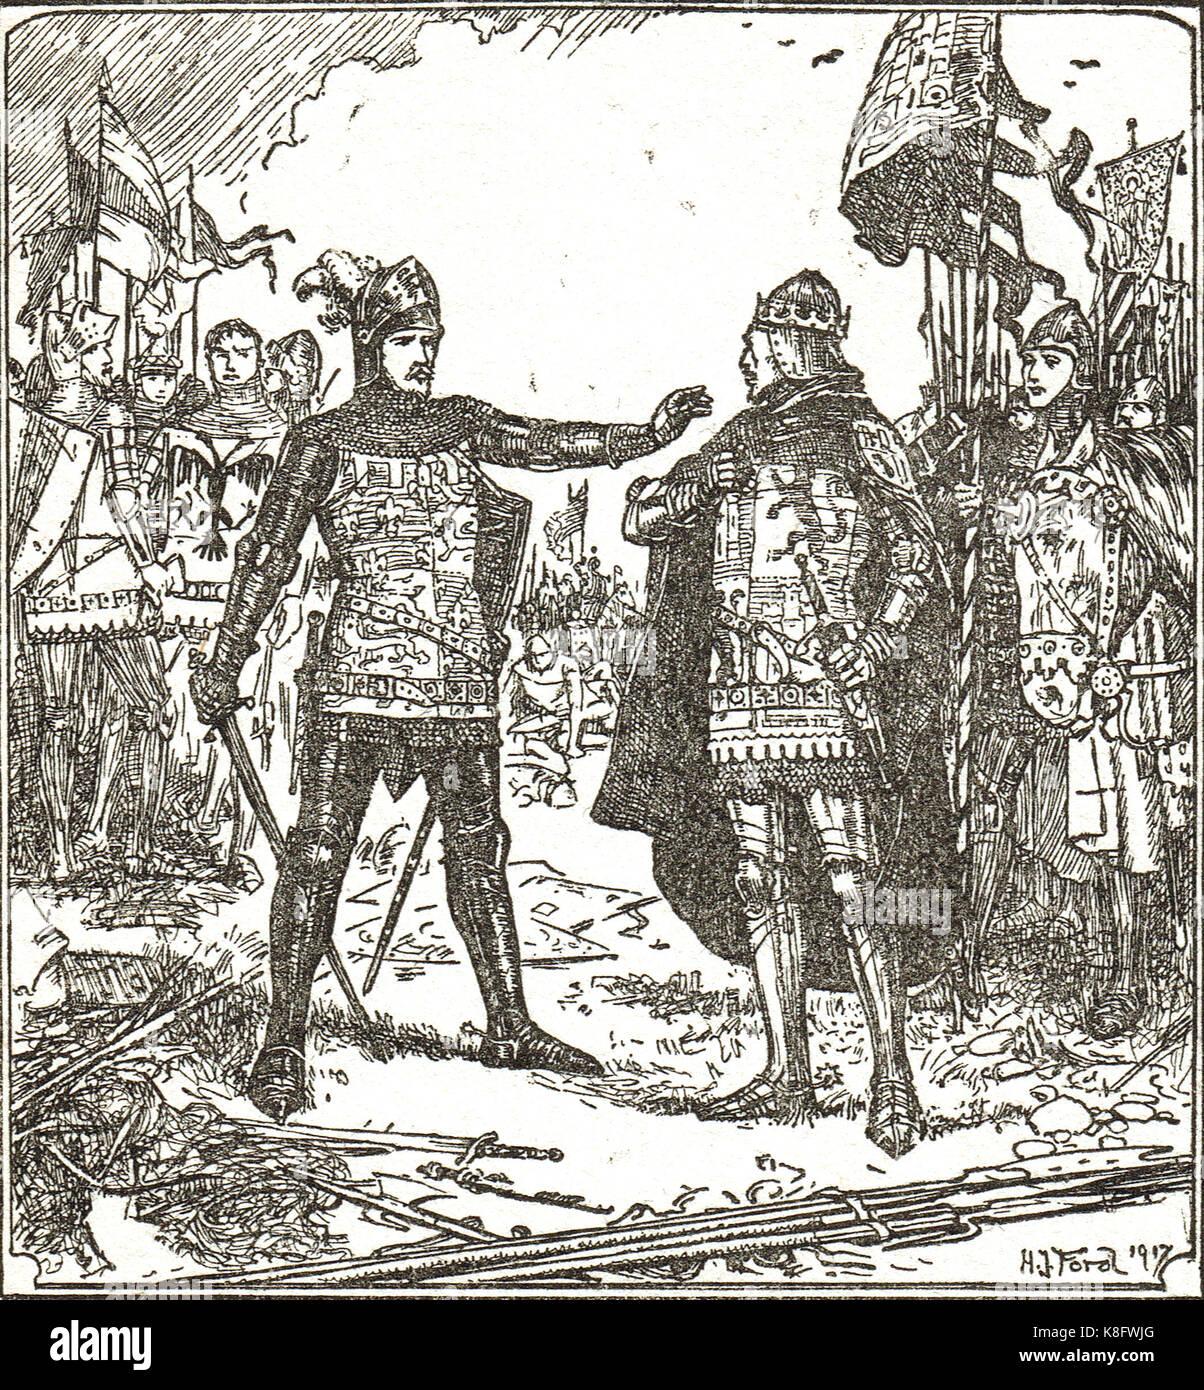 Der schwarze Prinz, Edward von Woodstock, lehnt einen du Guesclin Pedro, der Schlacht von nájera zu don, 3. Stockbild